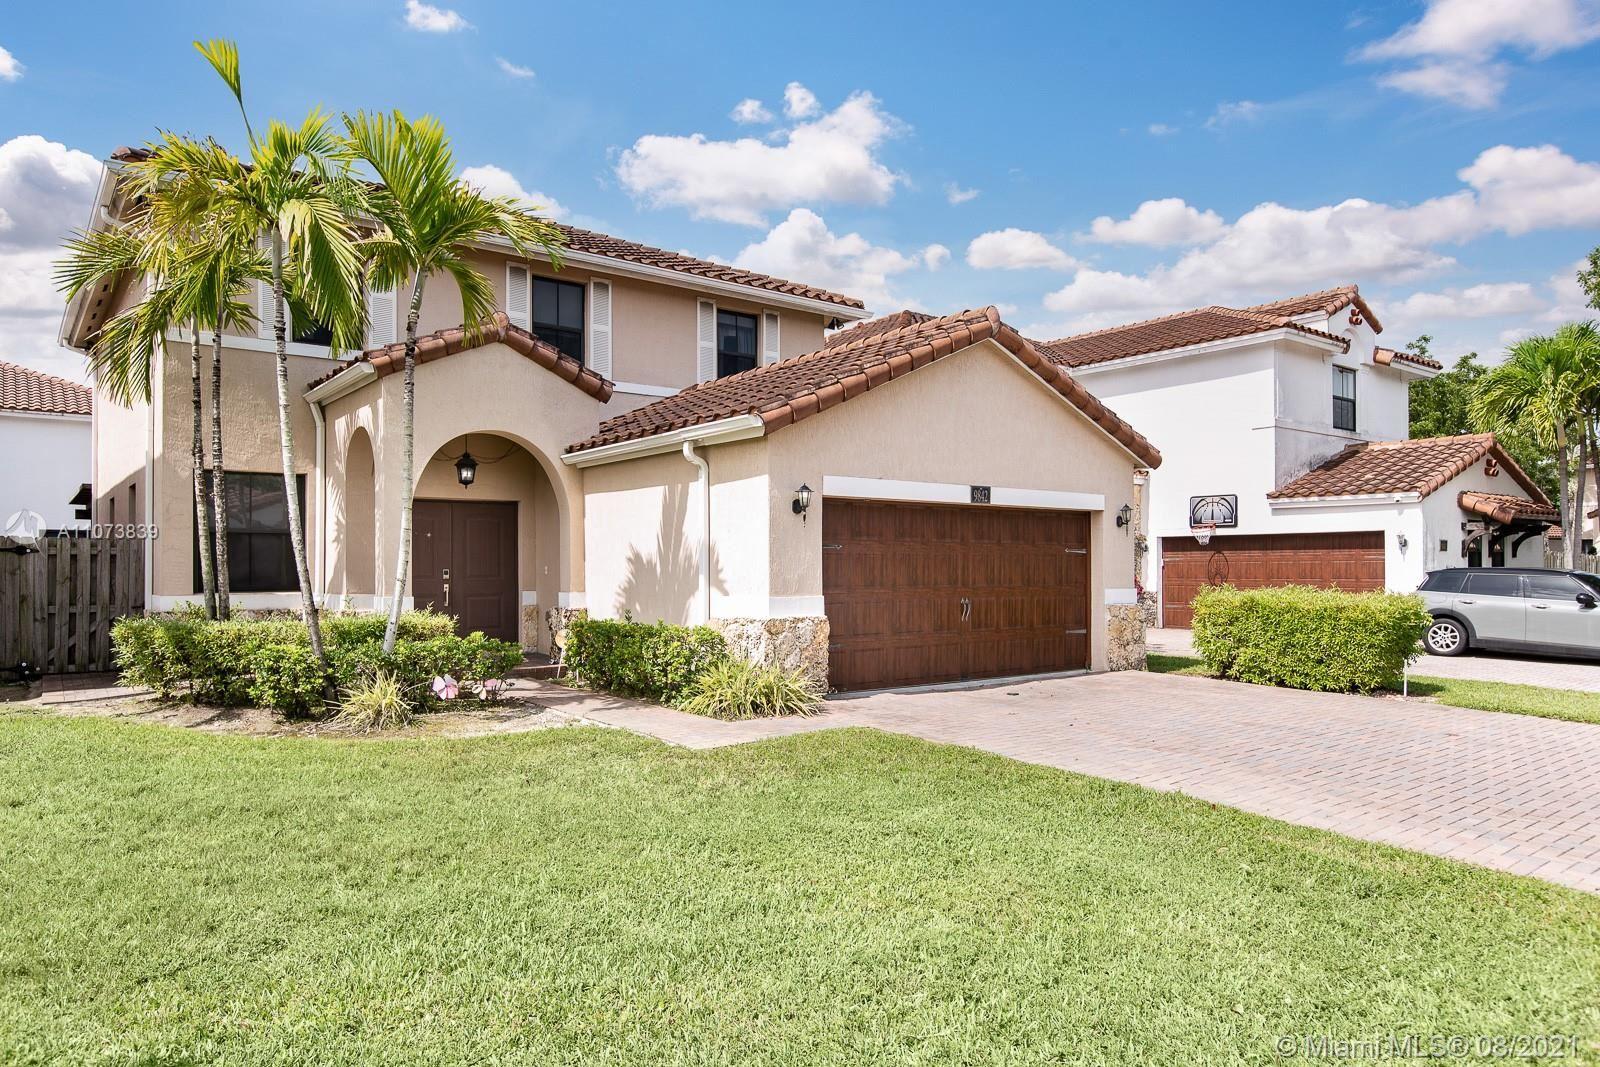 9842 NW 9th St, Miami, FL 33172 - #: A11073839